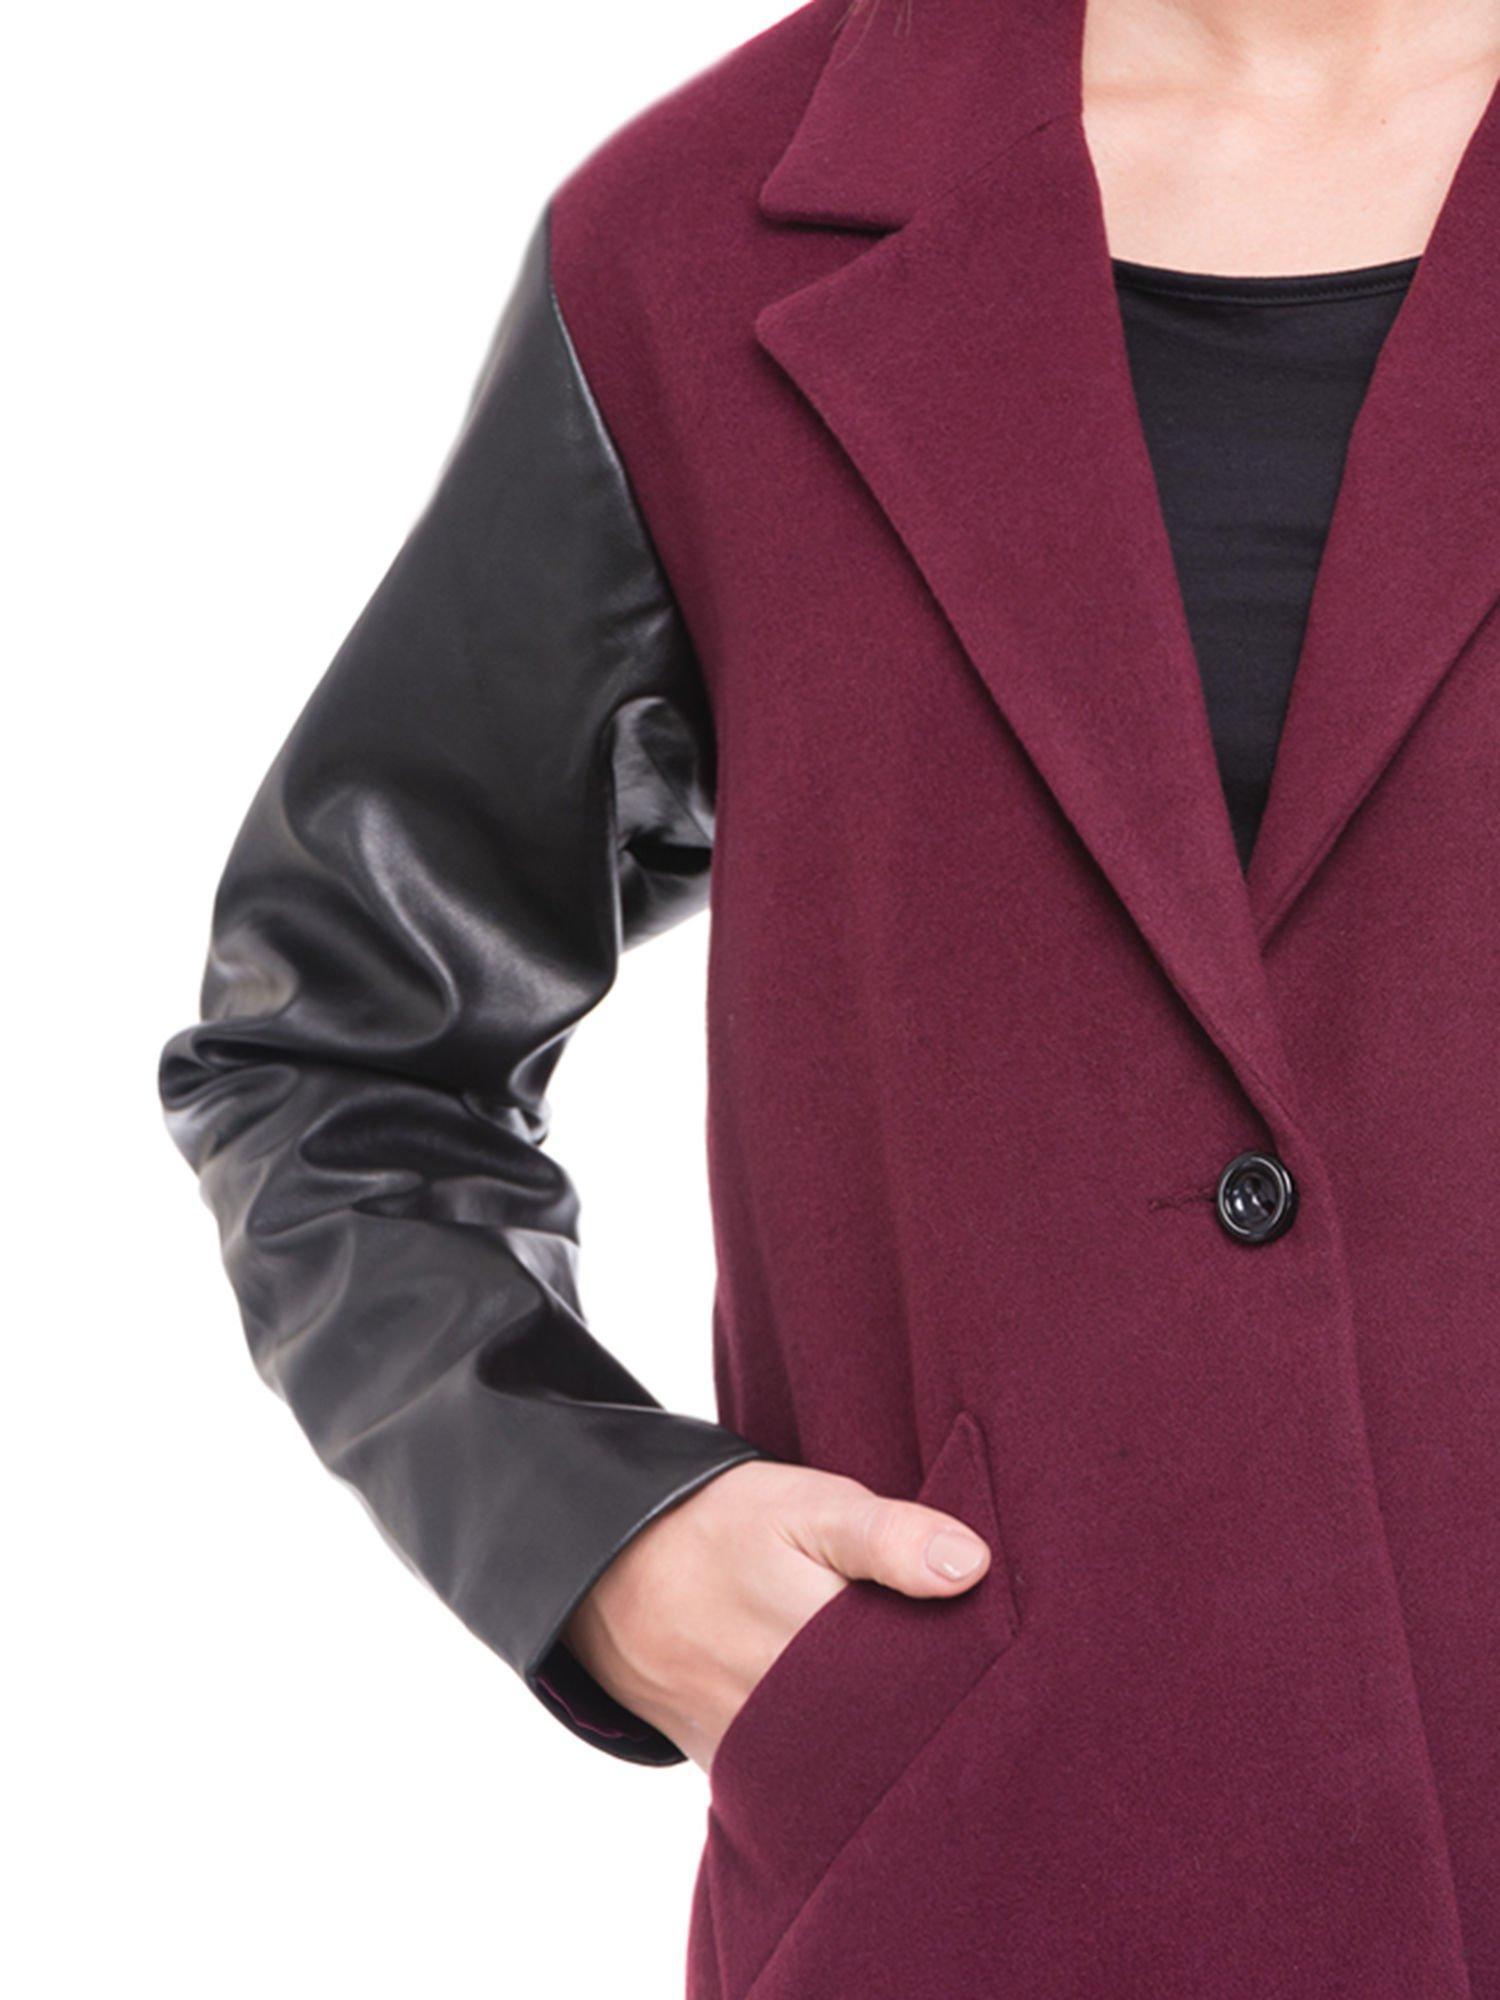 Bordowy płaszcz jednorzędowy ze skórzanymi rękawami                                  zdj.                                  5